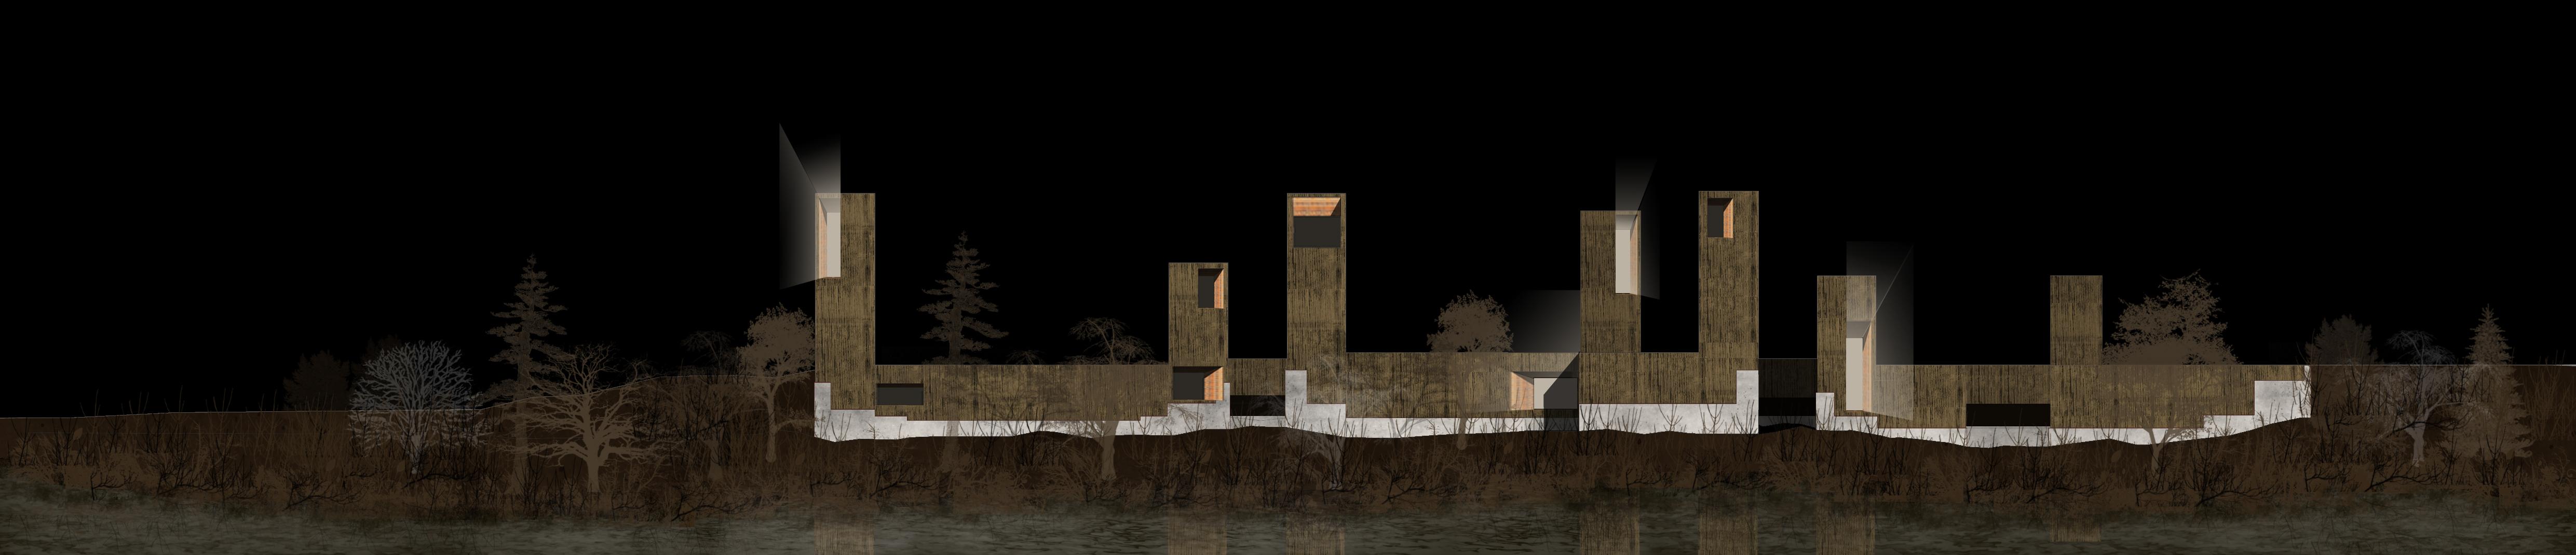 Alzado nocturno blogarq - Alzado arquitectura ...